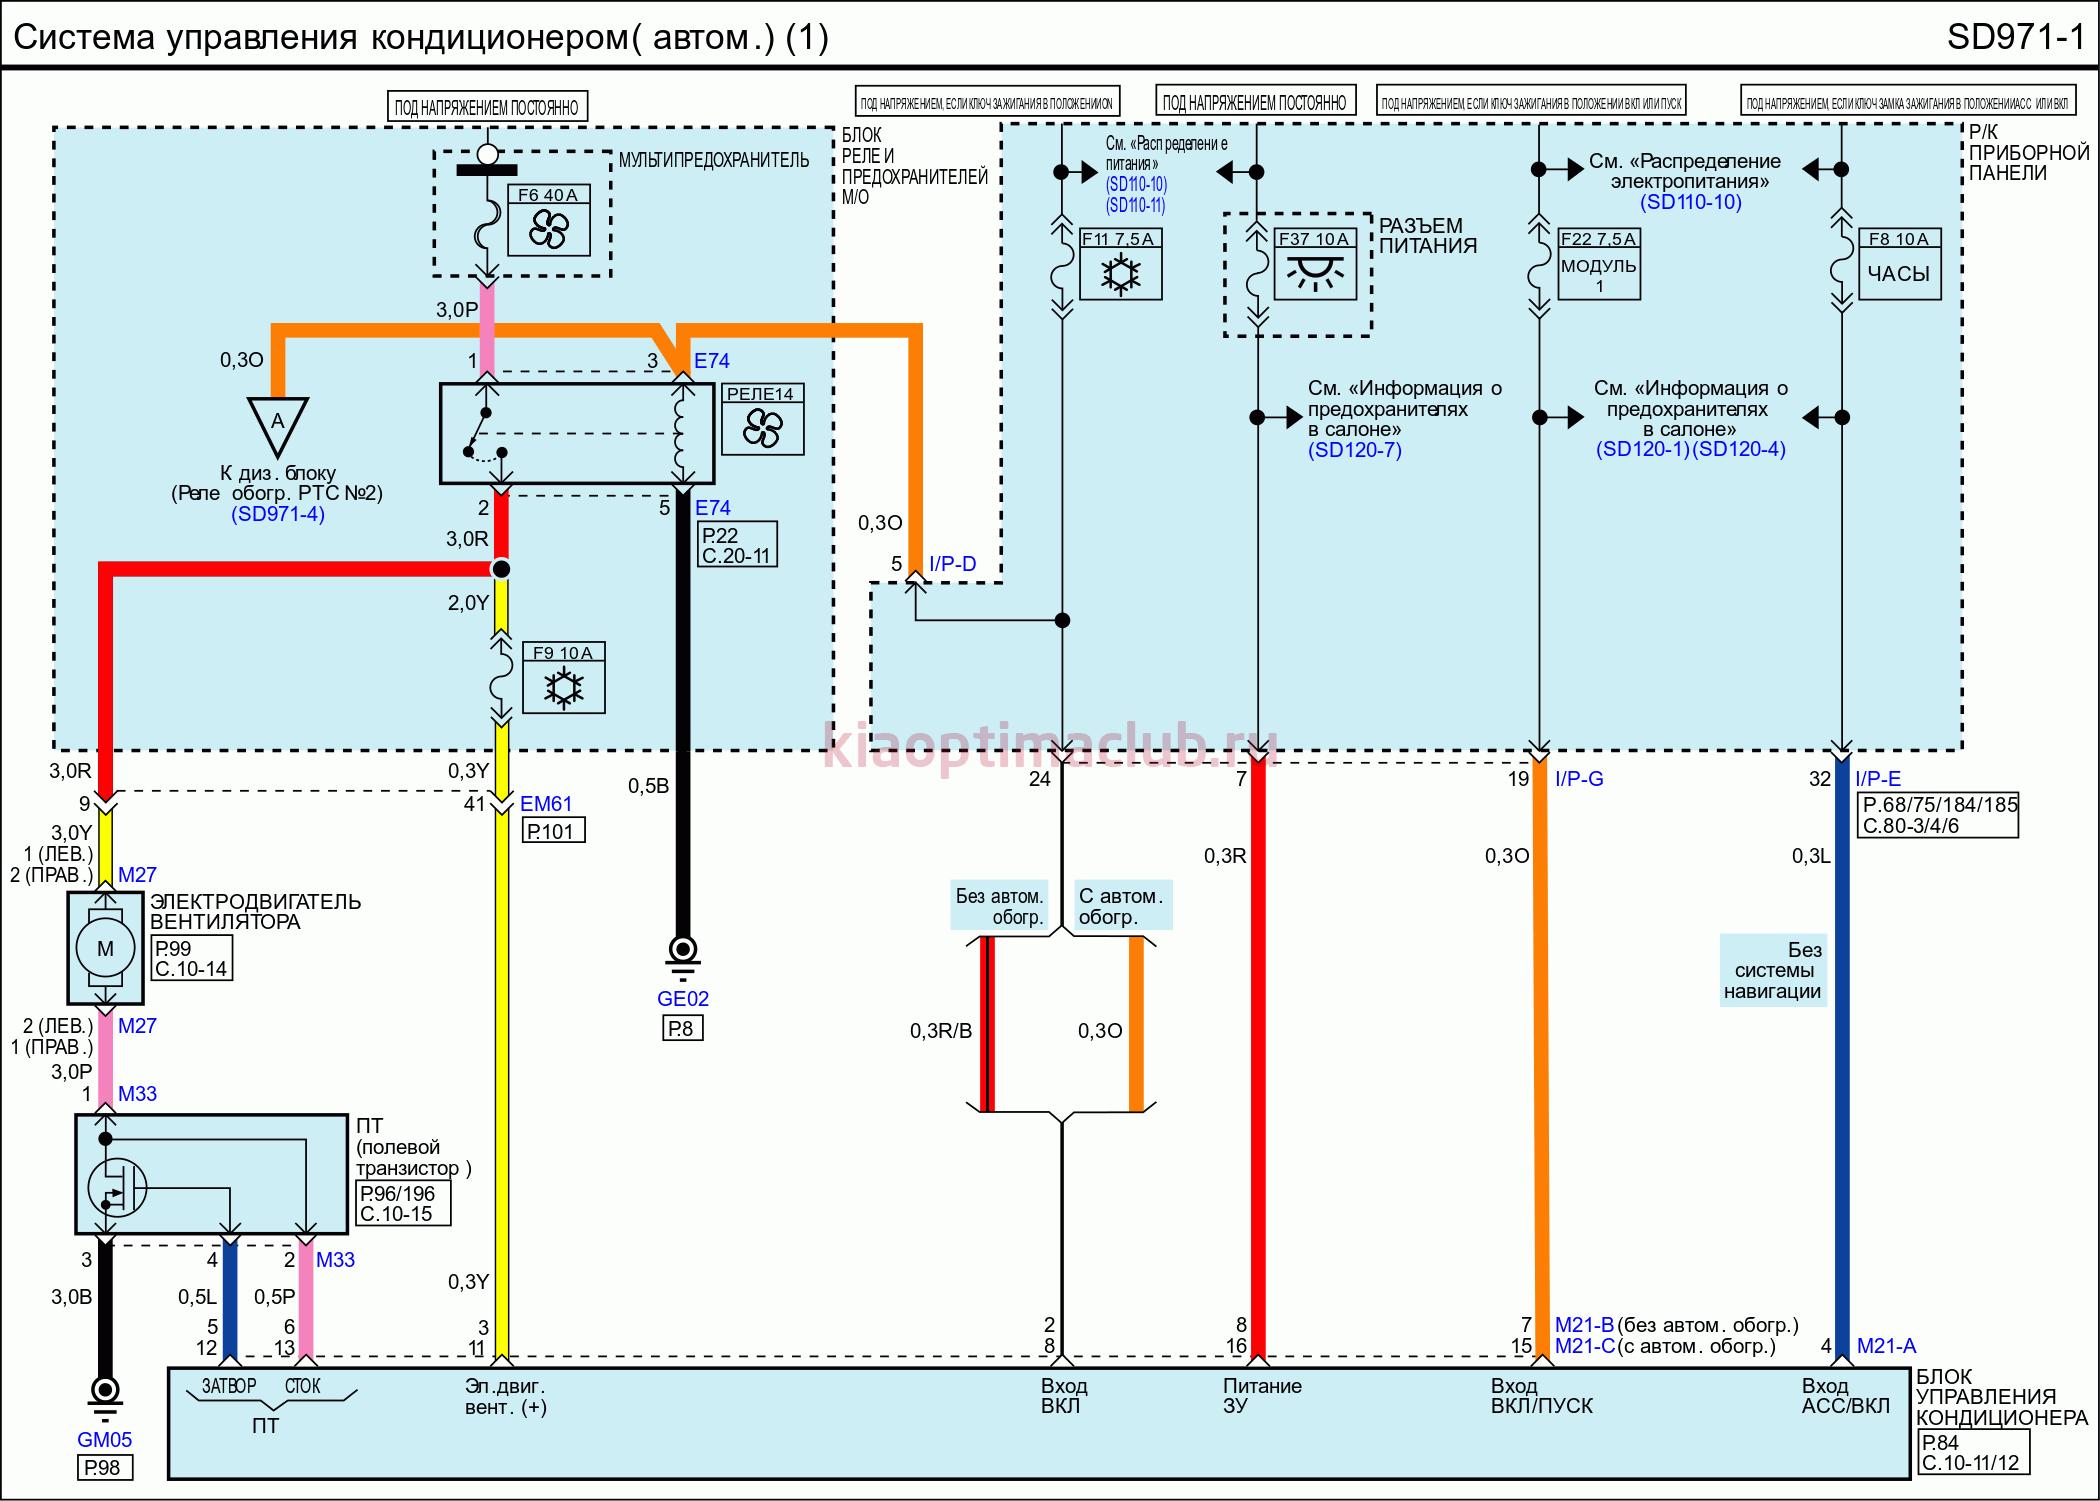 Схема блок управления кондиционеров